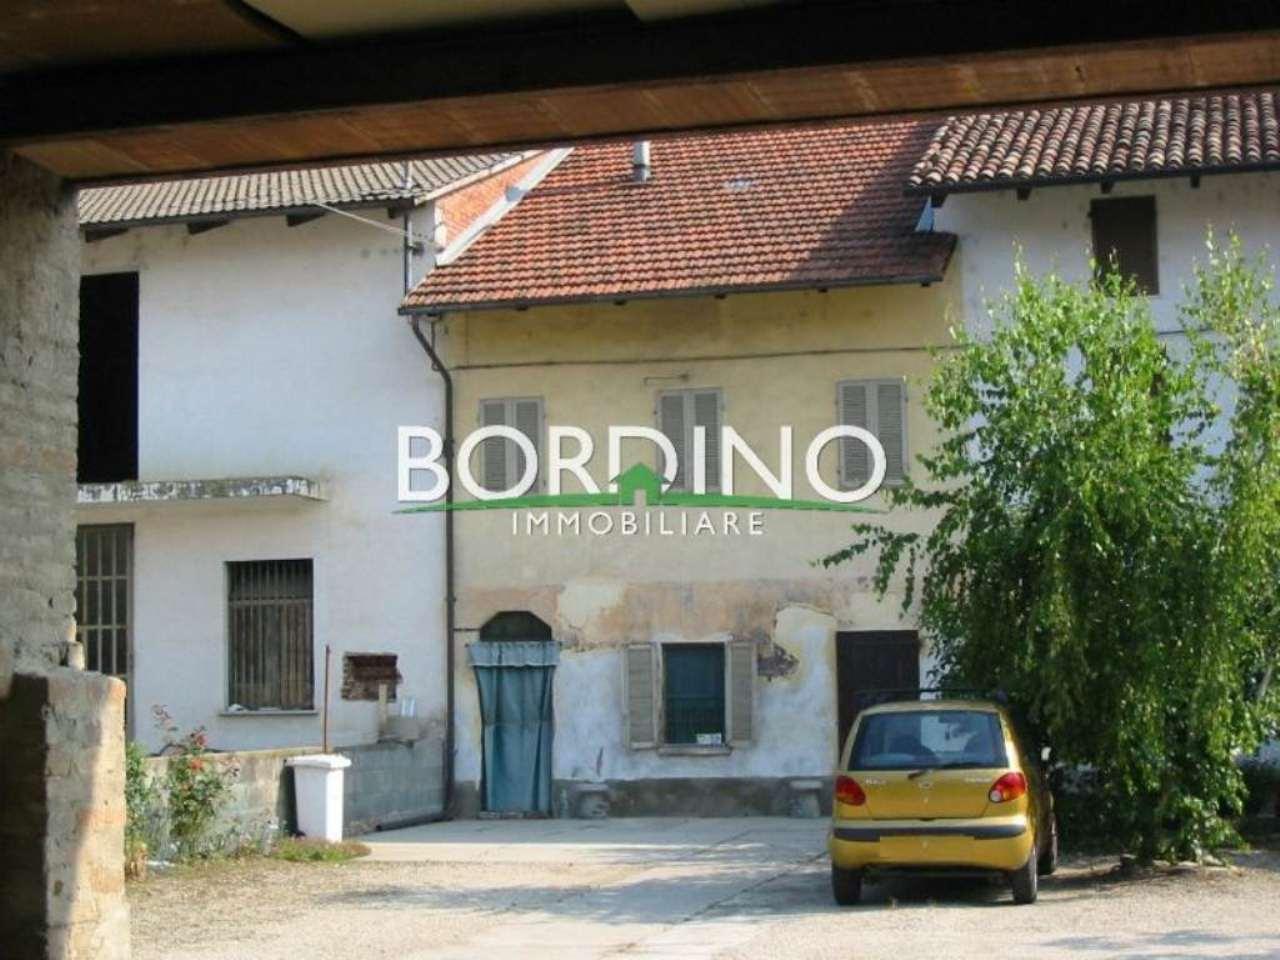 Rustico / Casale in vendita a Magliano Alfieri, 5 locali, prezzo € 40.000 | Cambio Casa.it